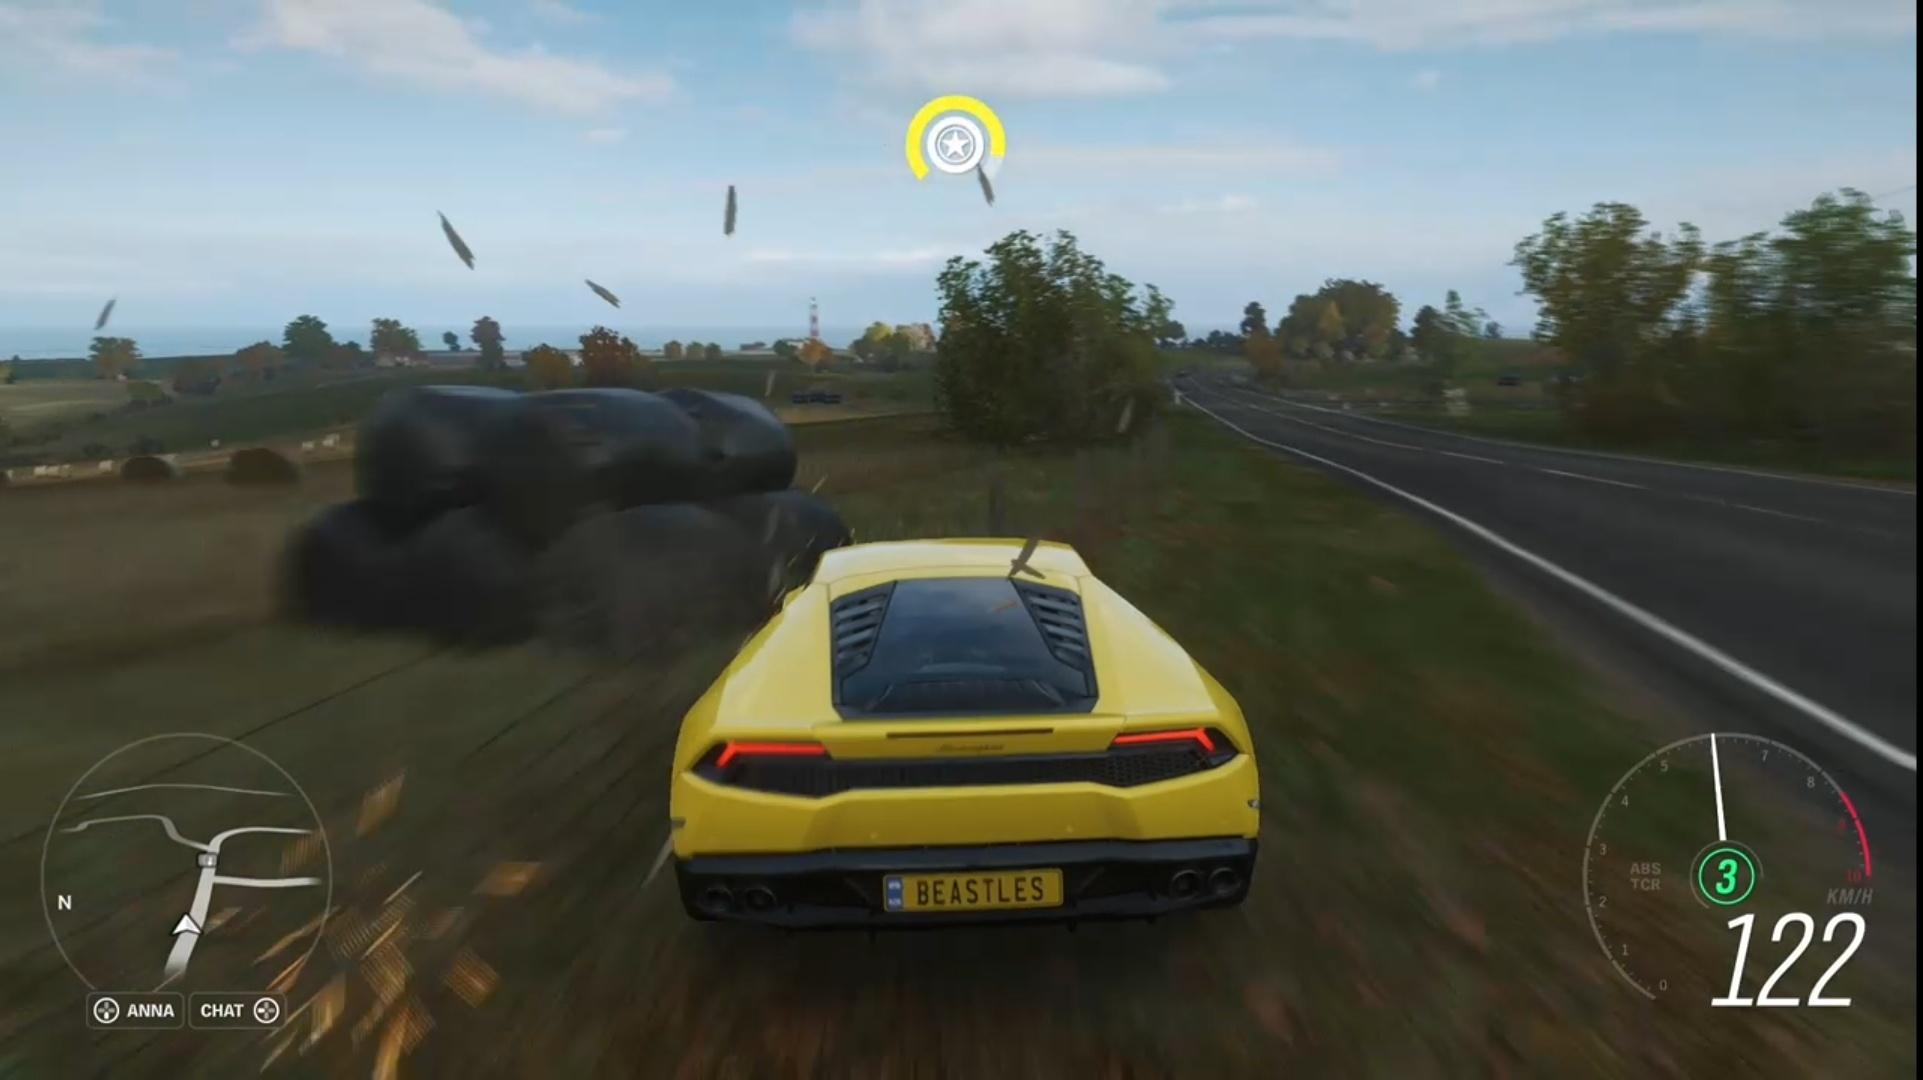 Všimnite si, že služba dynamicky upravuje kvalitu zobrazenia. Keď ide auto rýchlo, rozmazáva nielen pozadie, ale aj samotné auto tak, aby bol obraz čo najplynulejší.